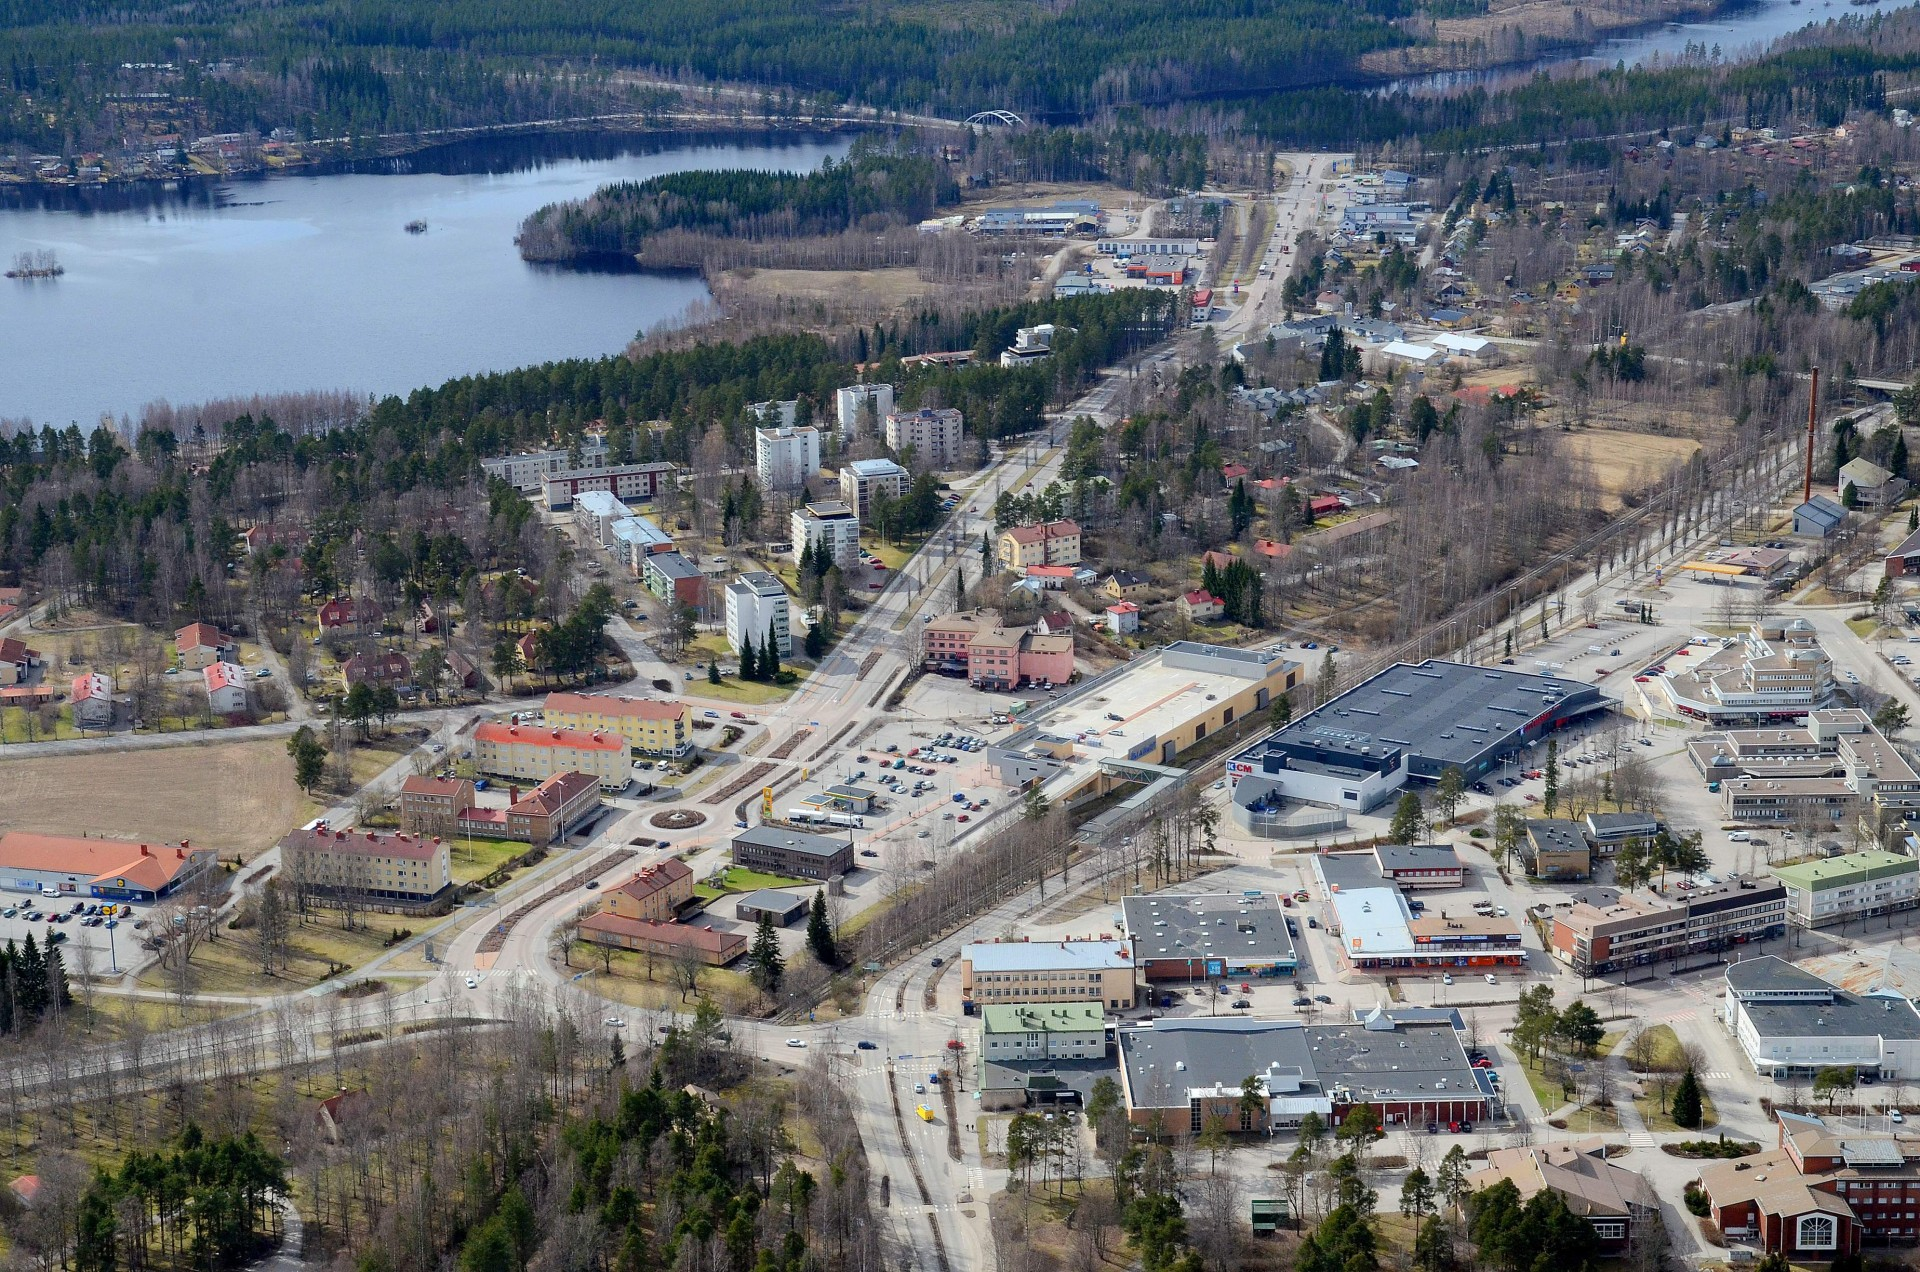 Äänekosken liikenteen pääväylät. Vasemmalla uuden koulun tonttipelto.